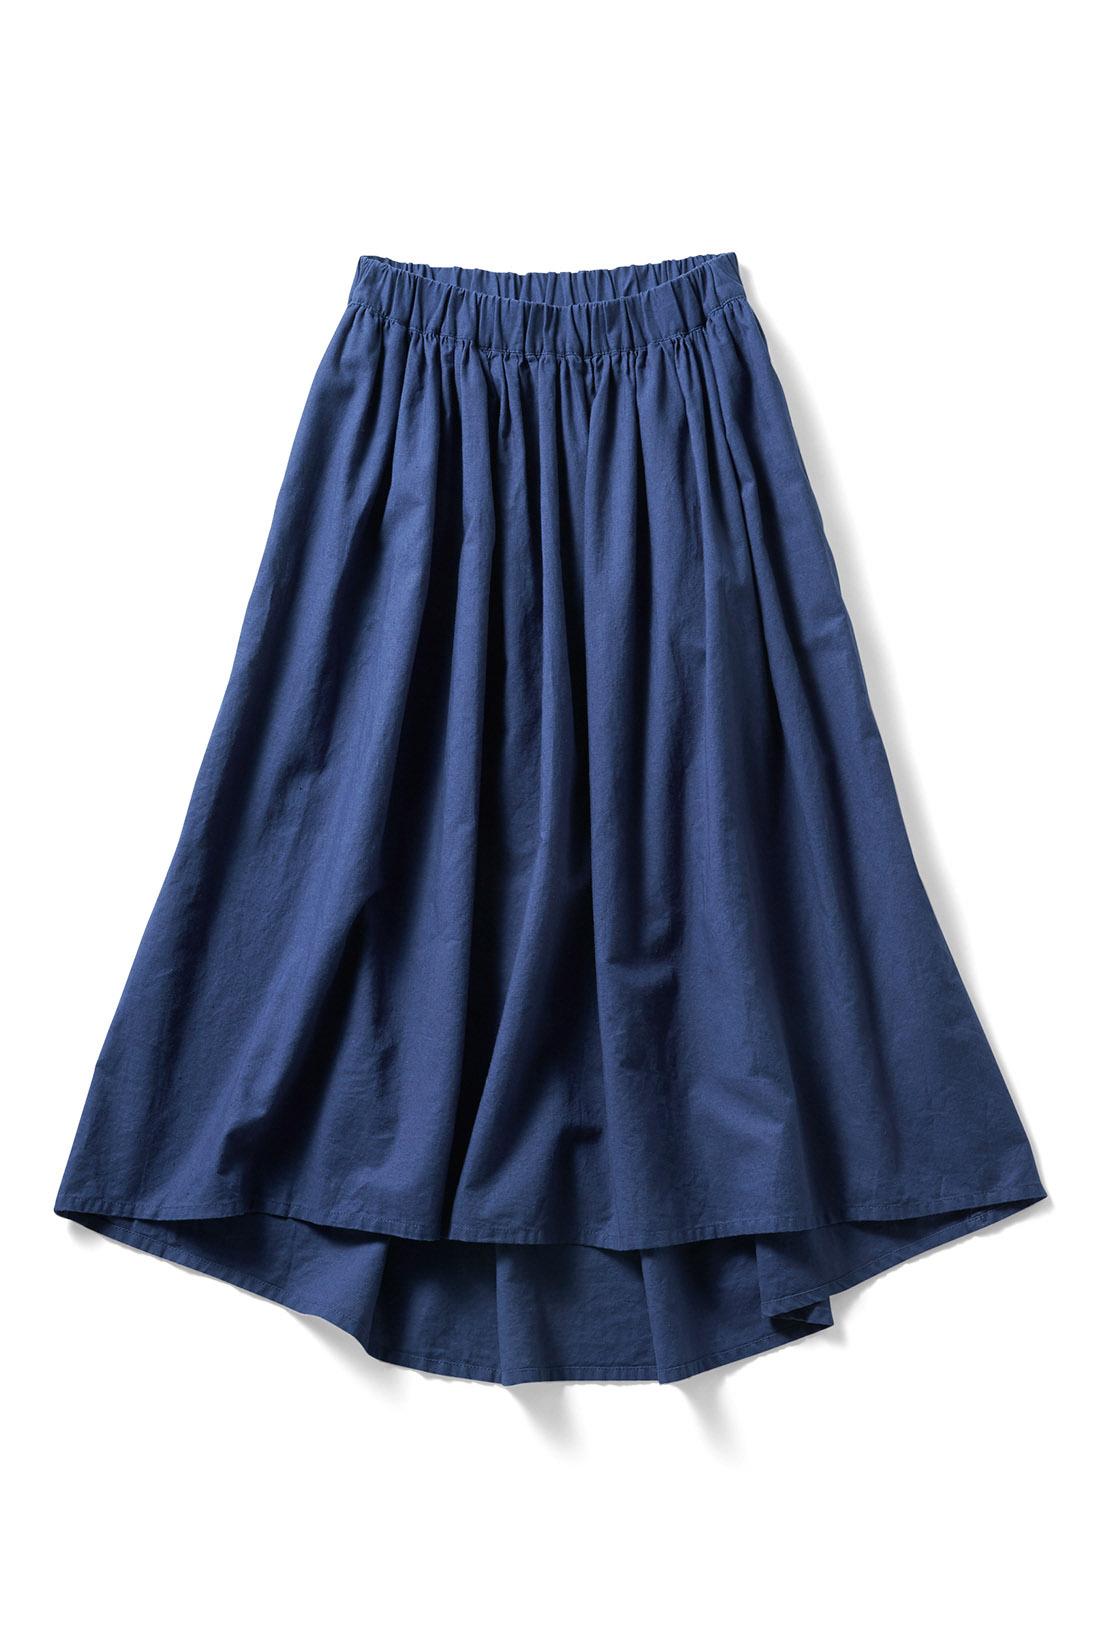 大人カジュアルな〈ブルー〉 前後で長さを変えたフィッシュテールスカート。動くたび見え隠れする脚線も艶っぽい印象。総ゴム仕様のウエストが、ストレスフリーな着心地と女性らしいボリューム感を両立。ほどよく広がるギャザーシルエットが、脚のラインをすらりと華奢見せ。